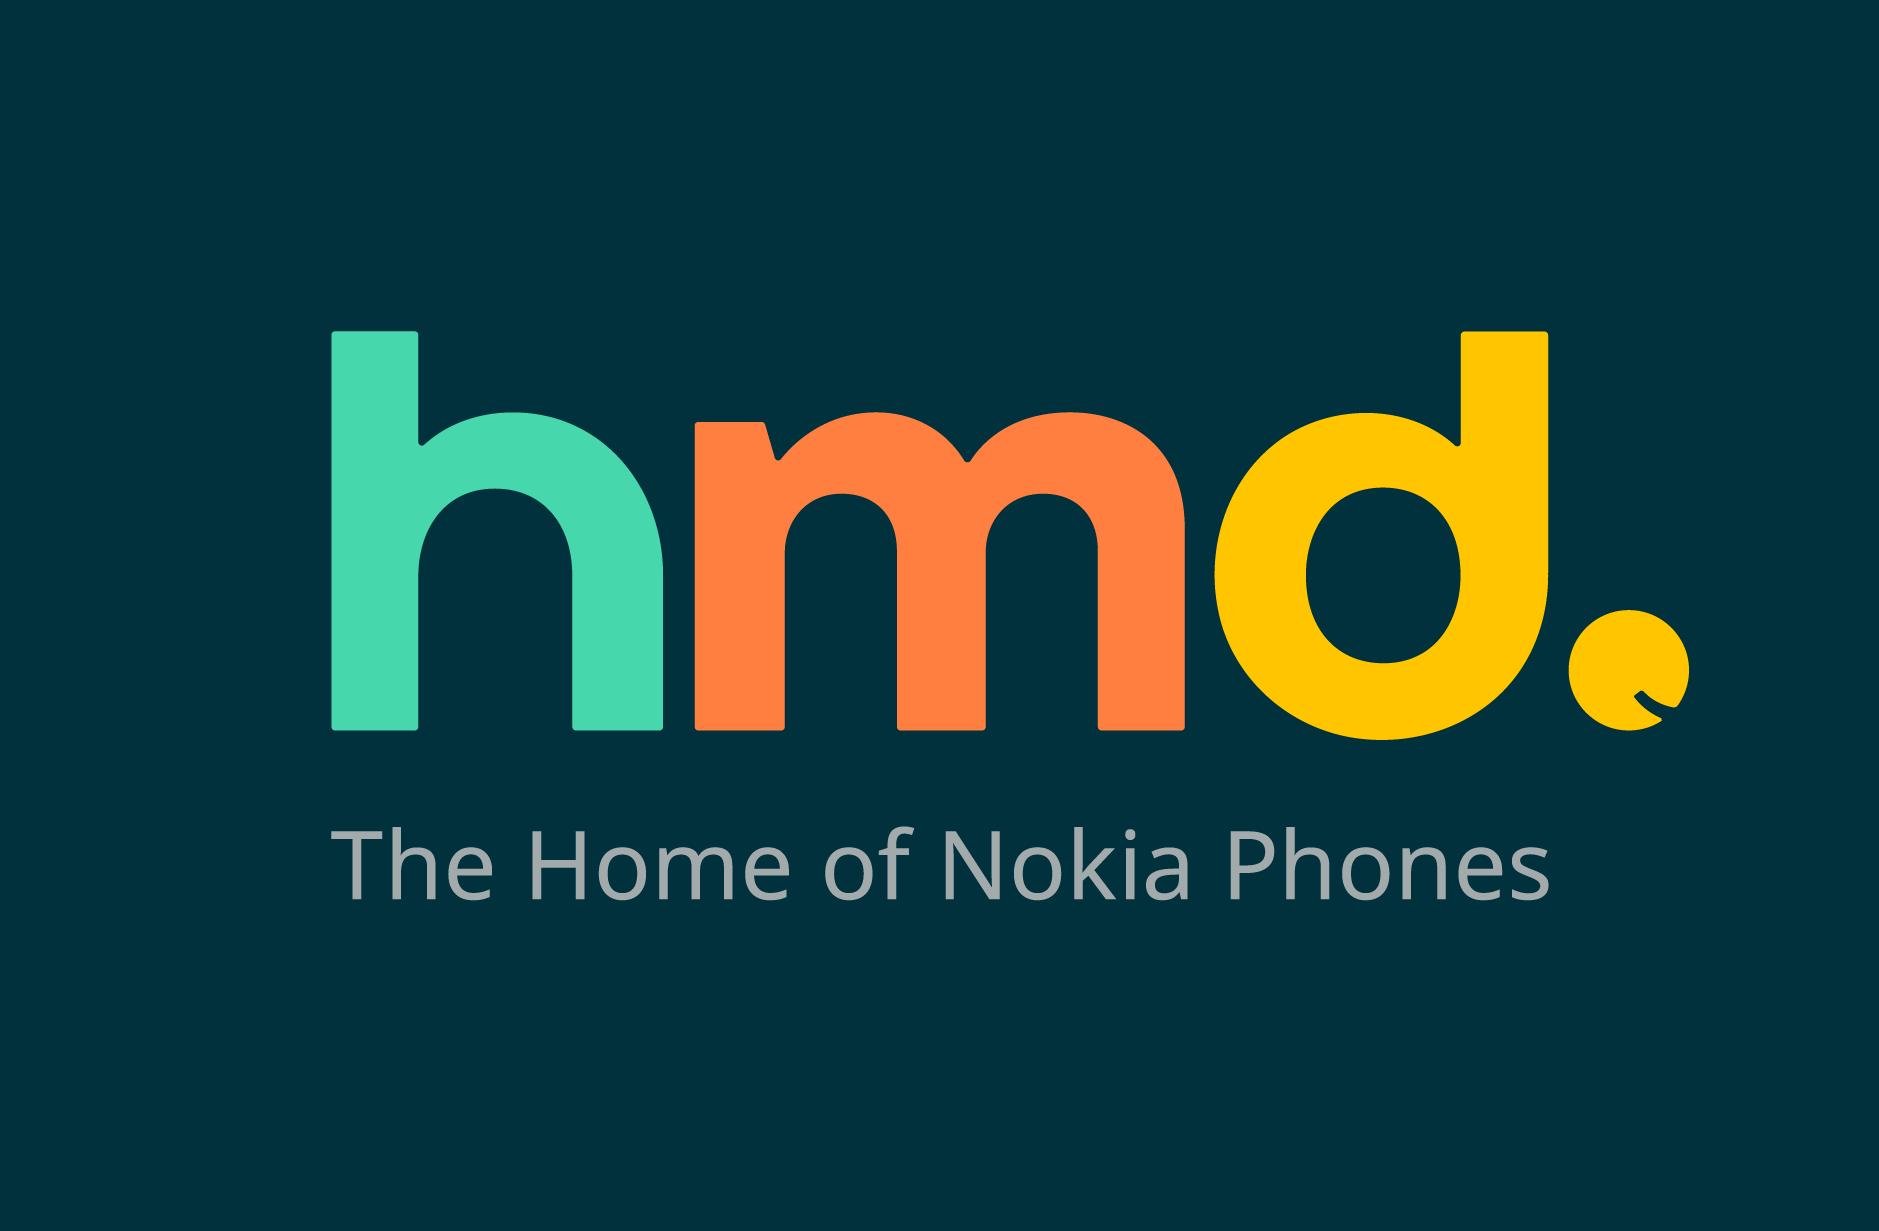 فقدت HMD Global ، الشركة المصنعة لهواتف نوكيا ، قيمة 350 مليون دولار في عام واحد 1